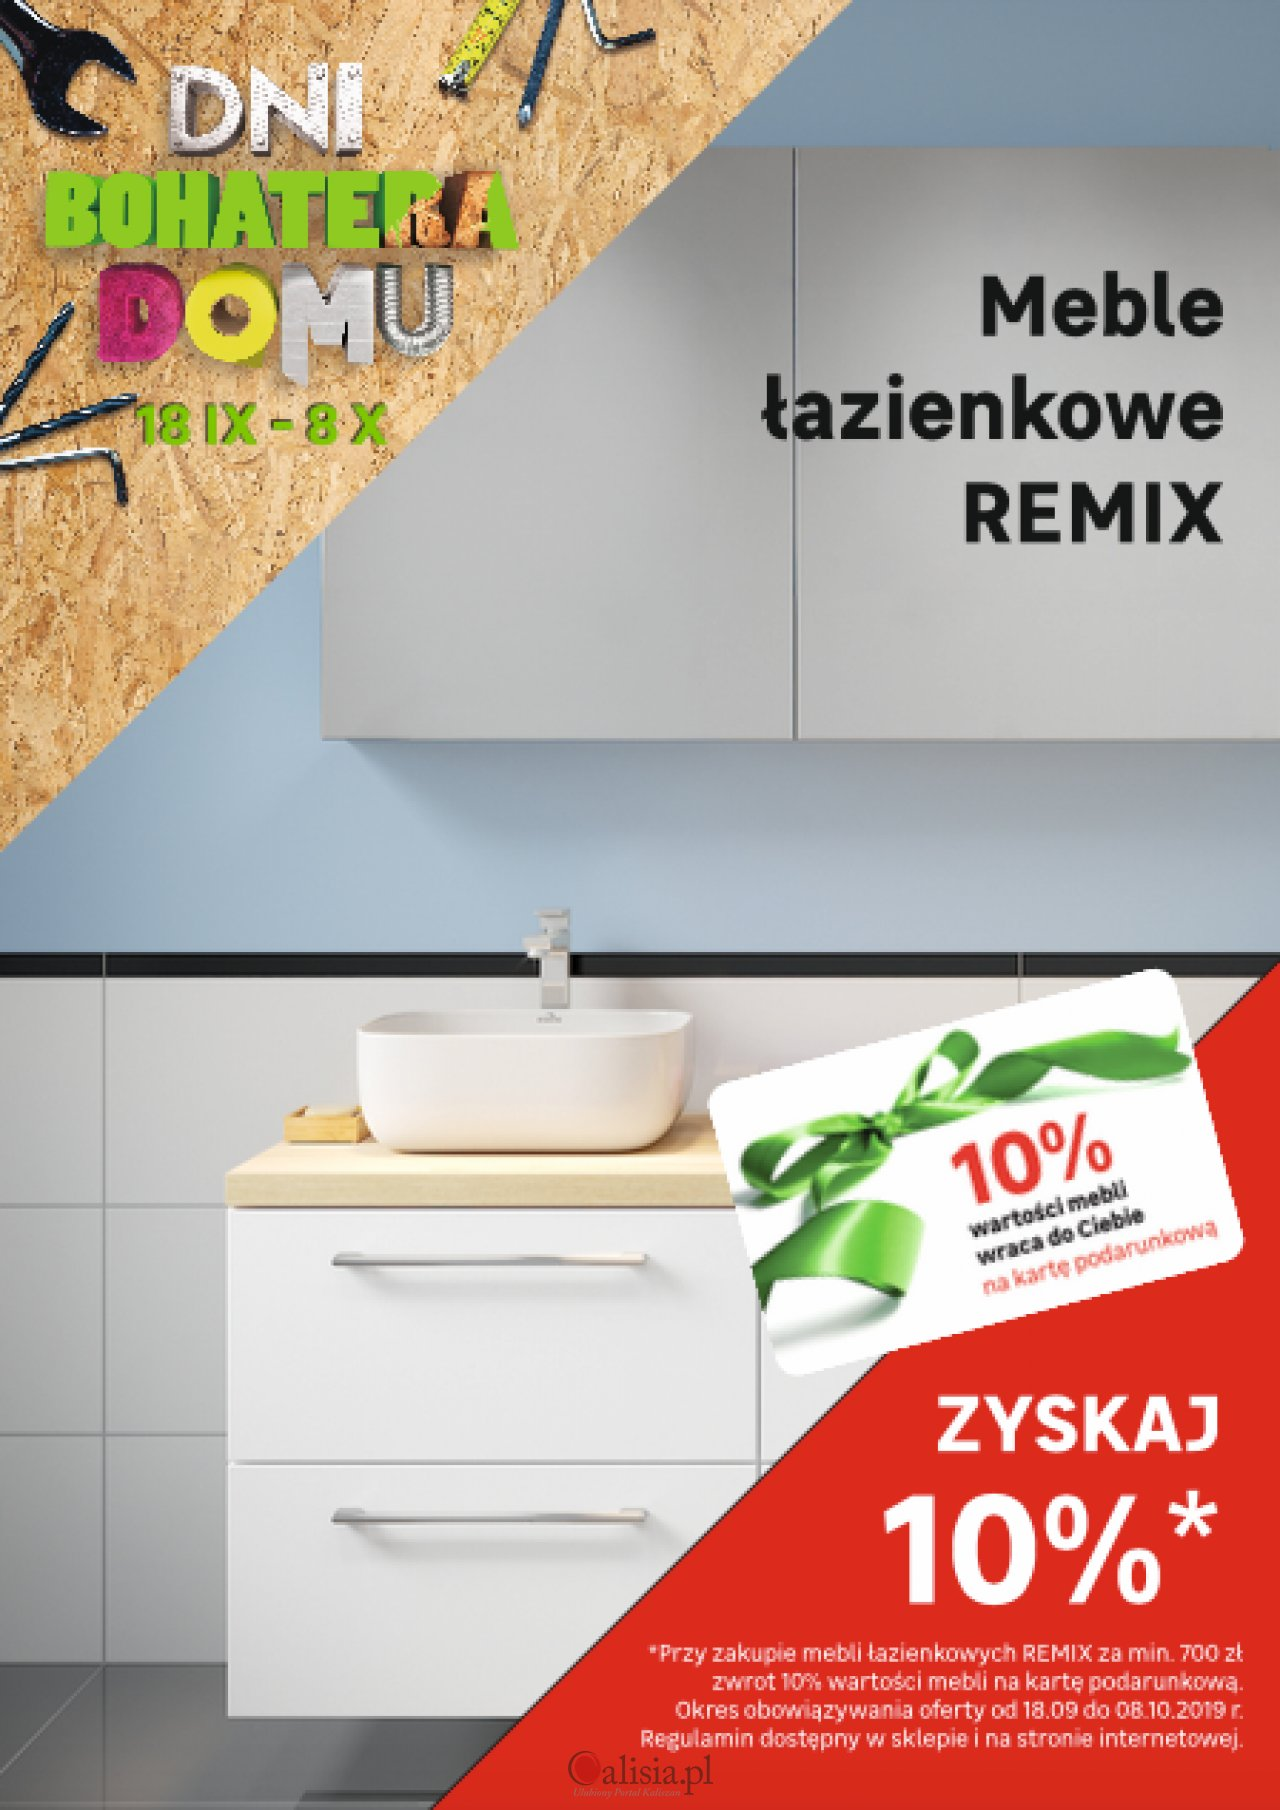 Calisia.pl Jesteś Bohaterem Domu? Właśnie wystartowało